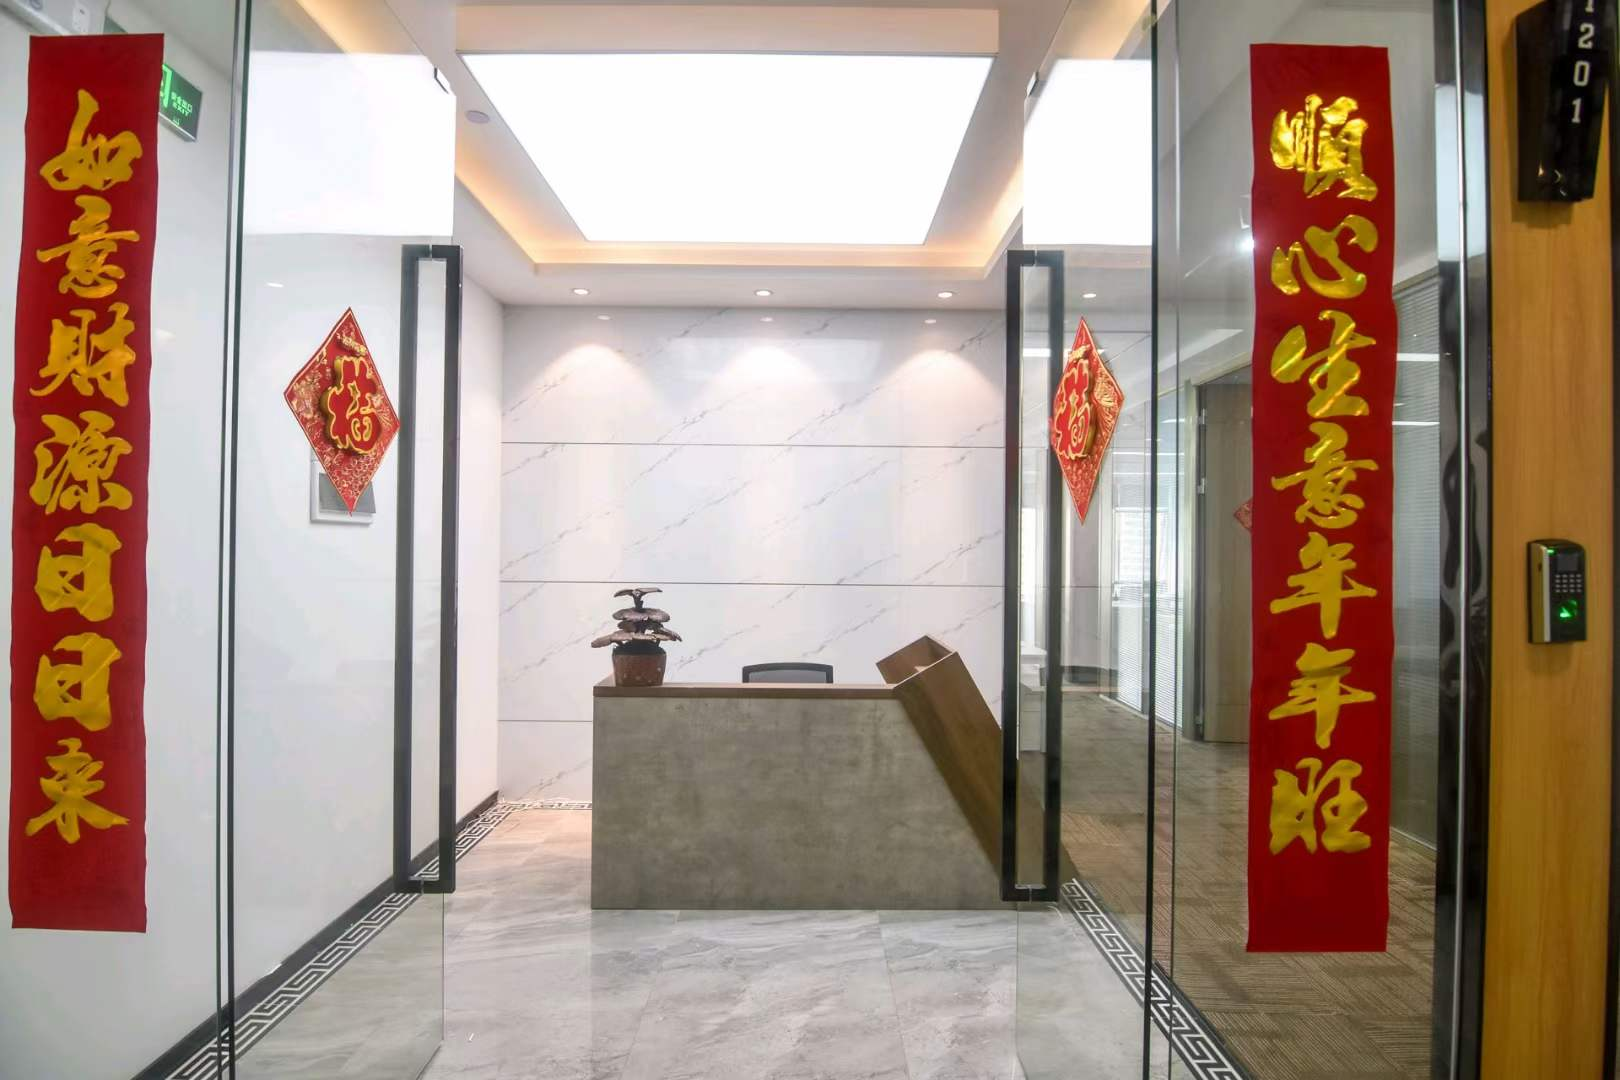 南山区华侨城智慧广场352平方精装办公室出租